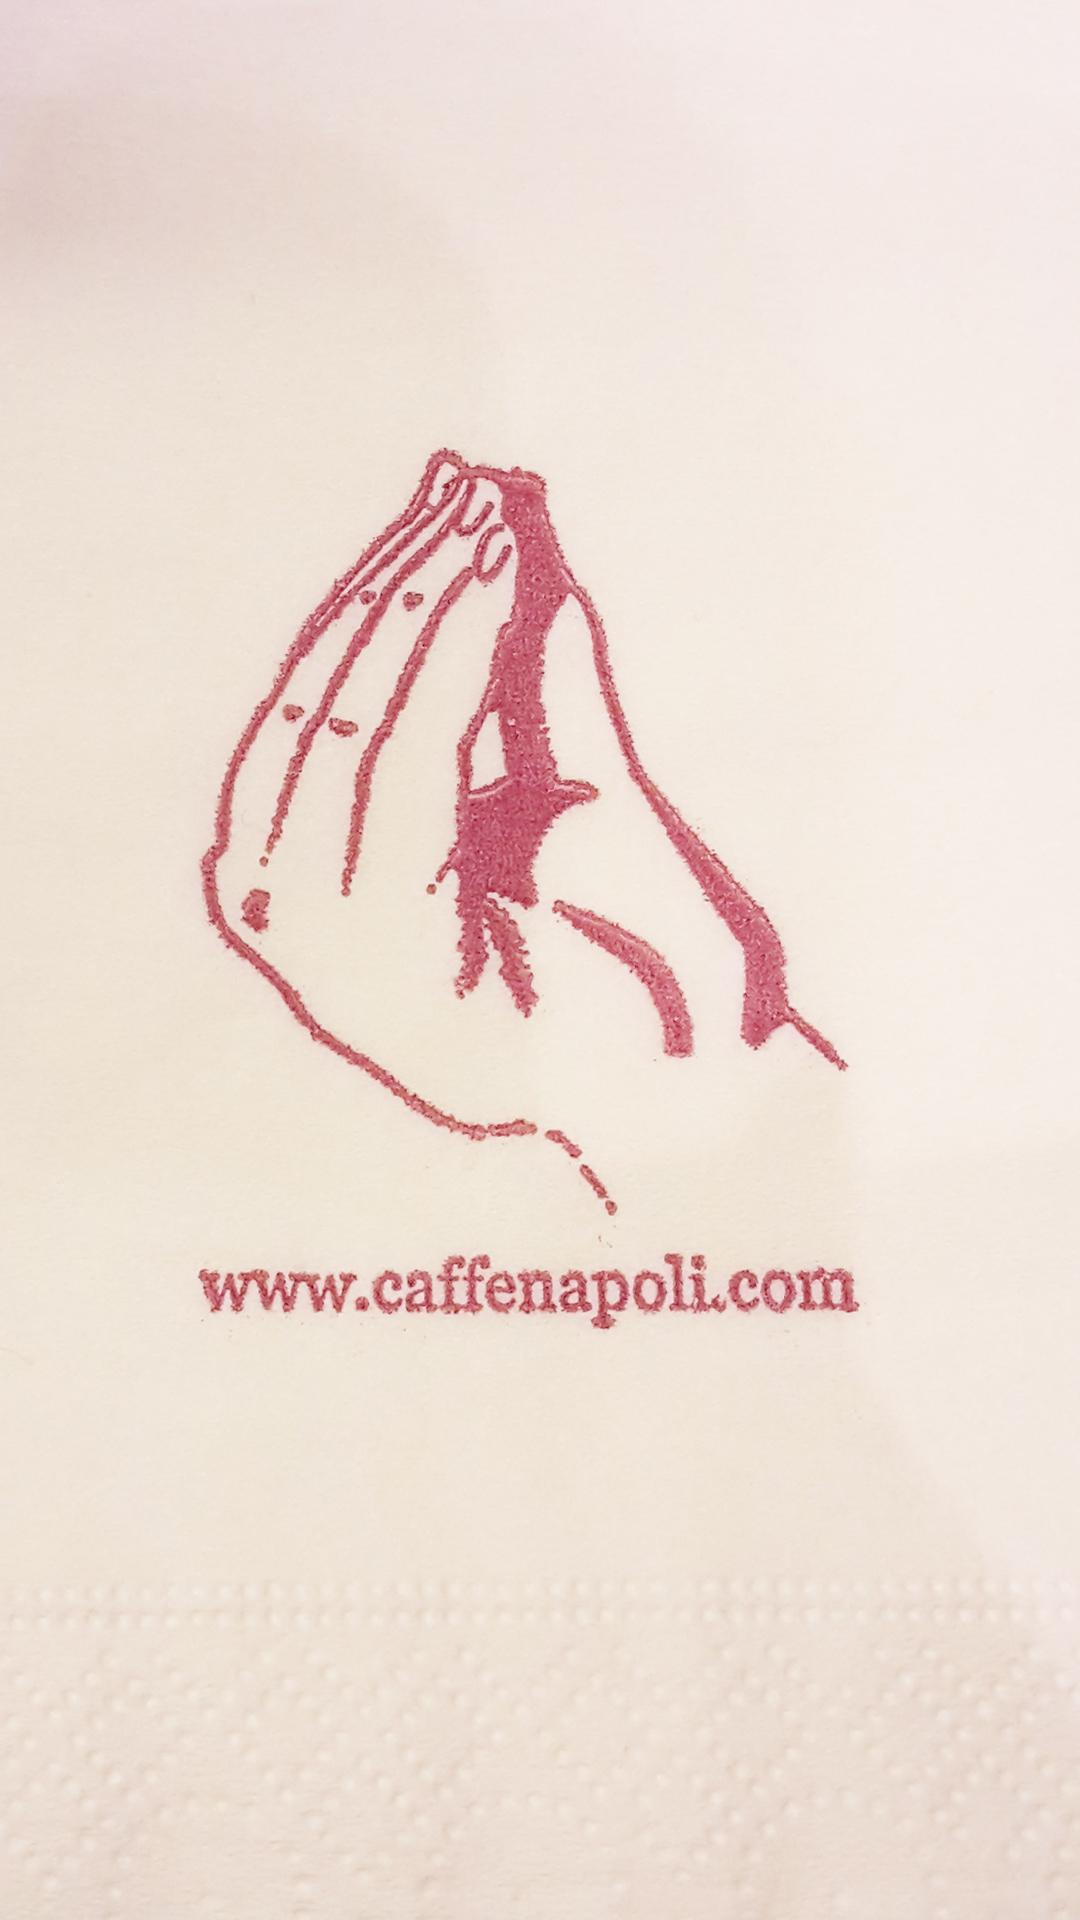 Caffe Napoli - Creare Contenuto per differenziarti - Massimo Demelas - Articolo Massimo Demelas